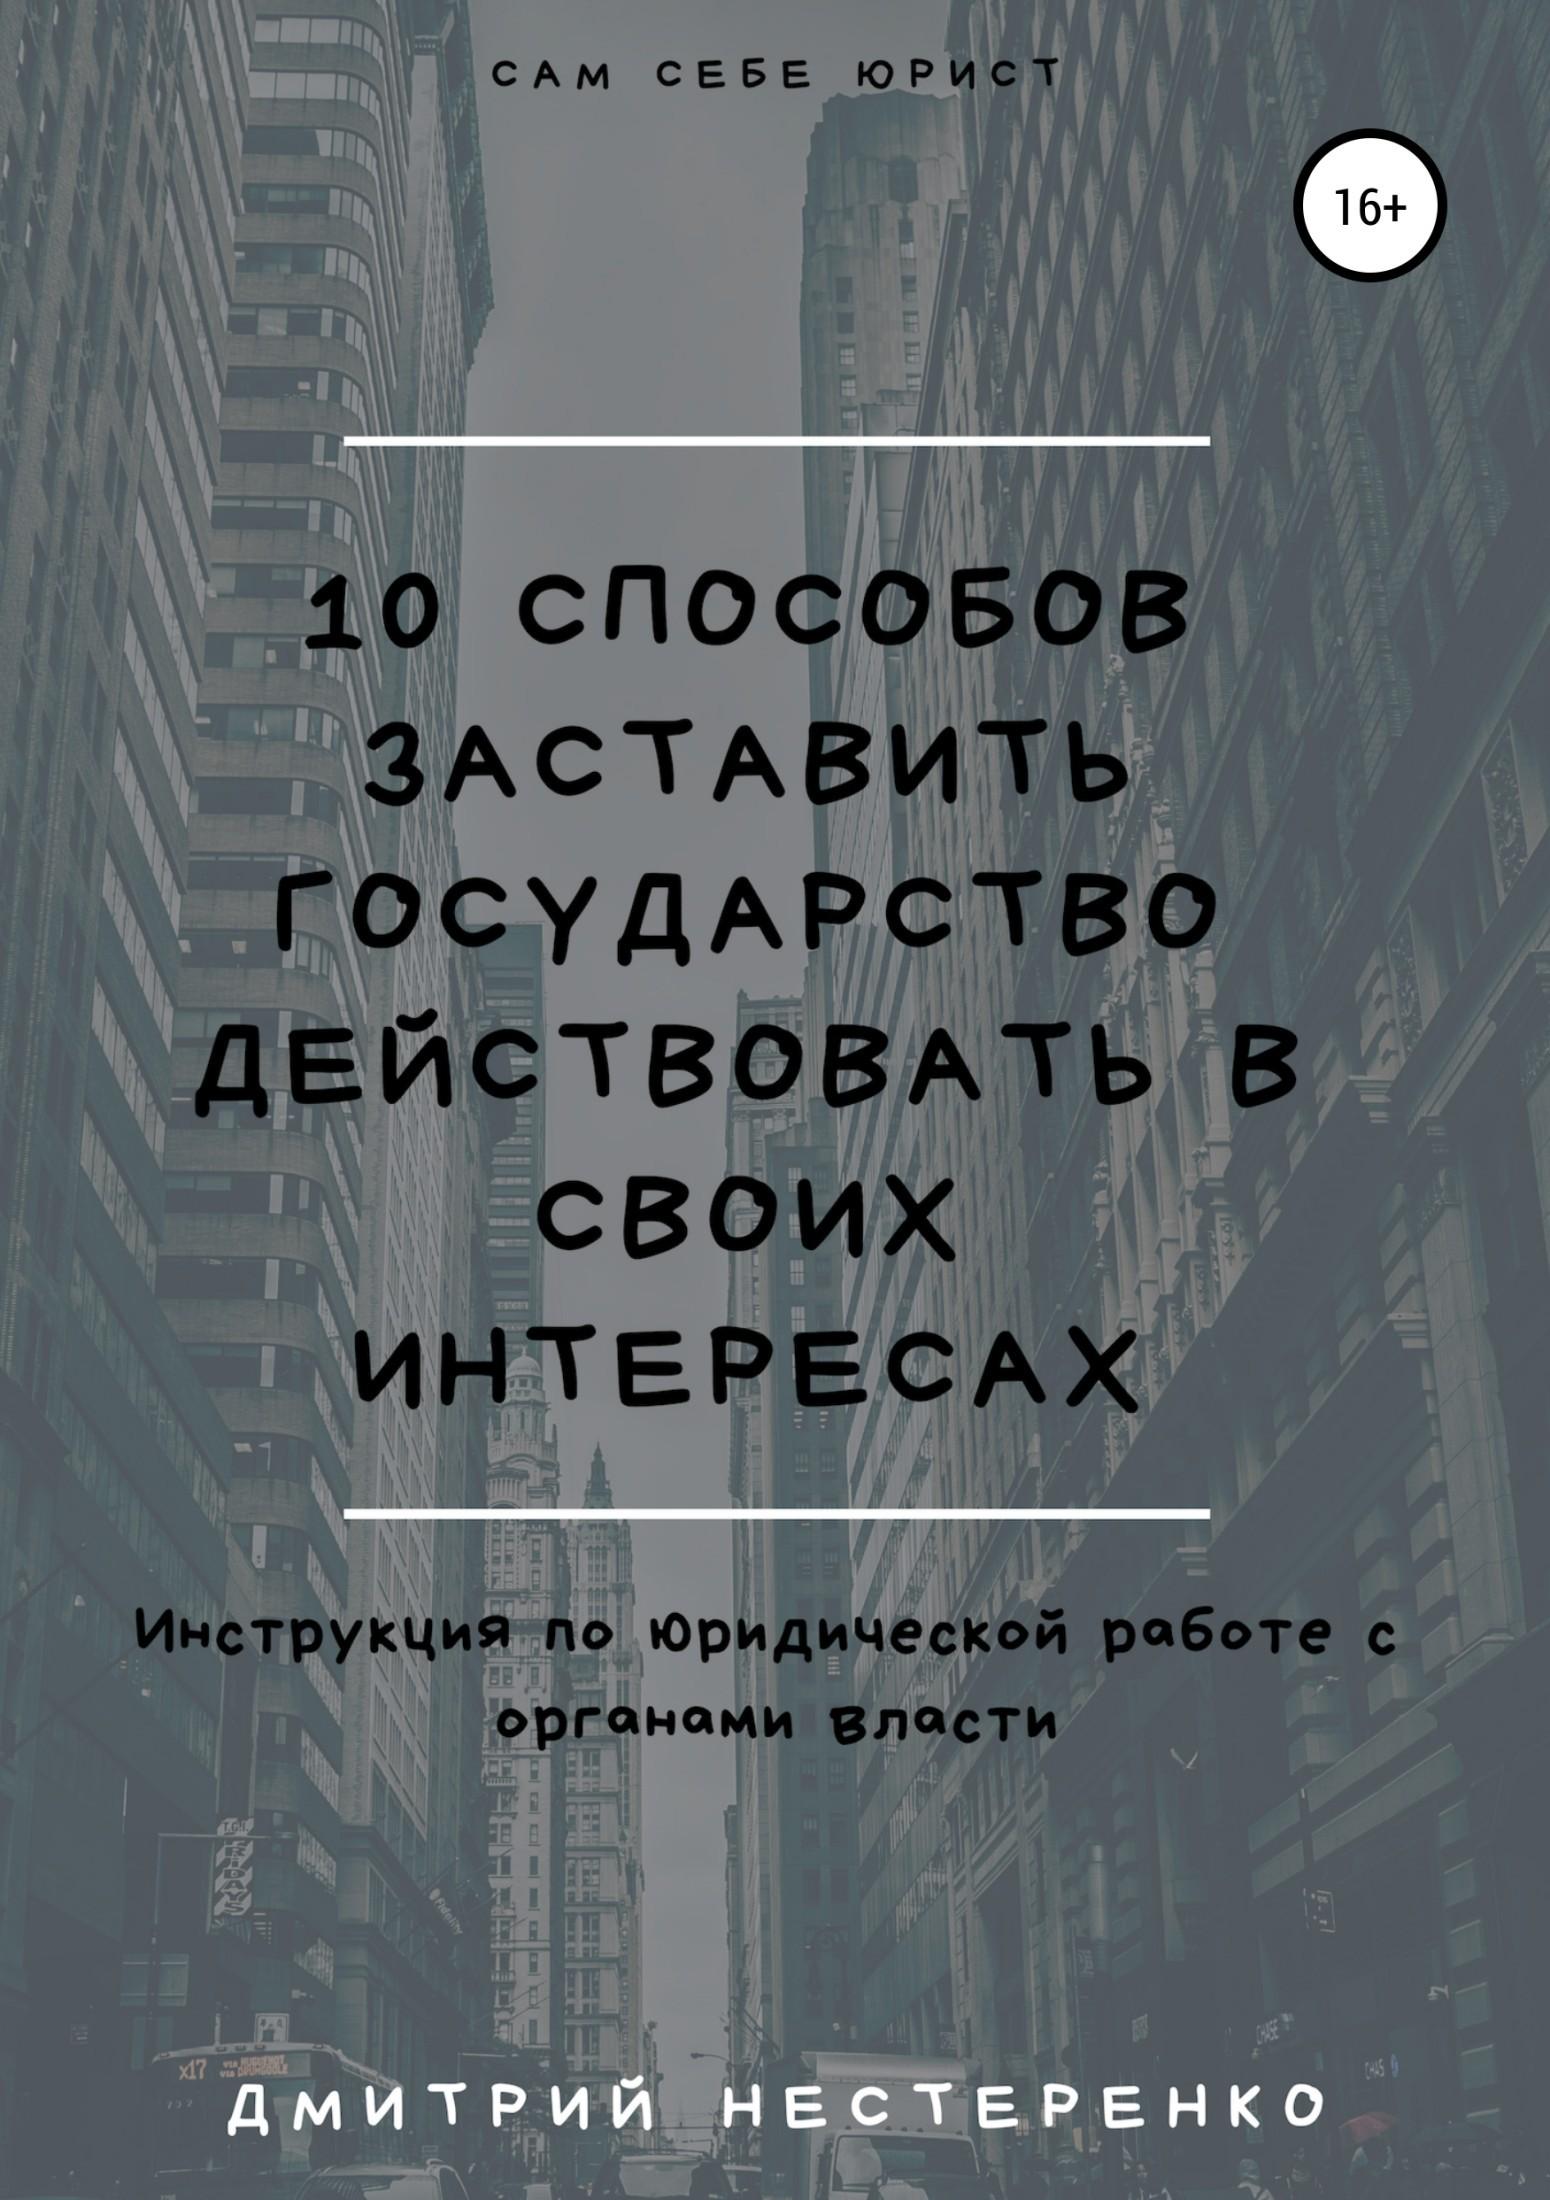 Фото - Дмитрий Евгеньевич Нестеренко 10 способов заставить государство действовать в своих интересах дмитрий евгеньевич гамидов сетевой человек